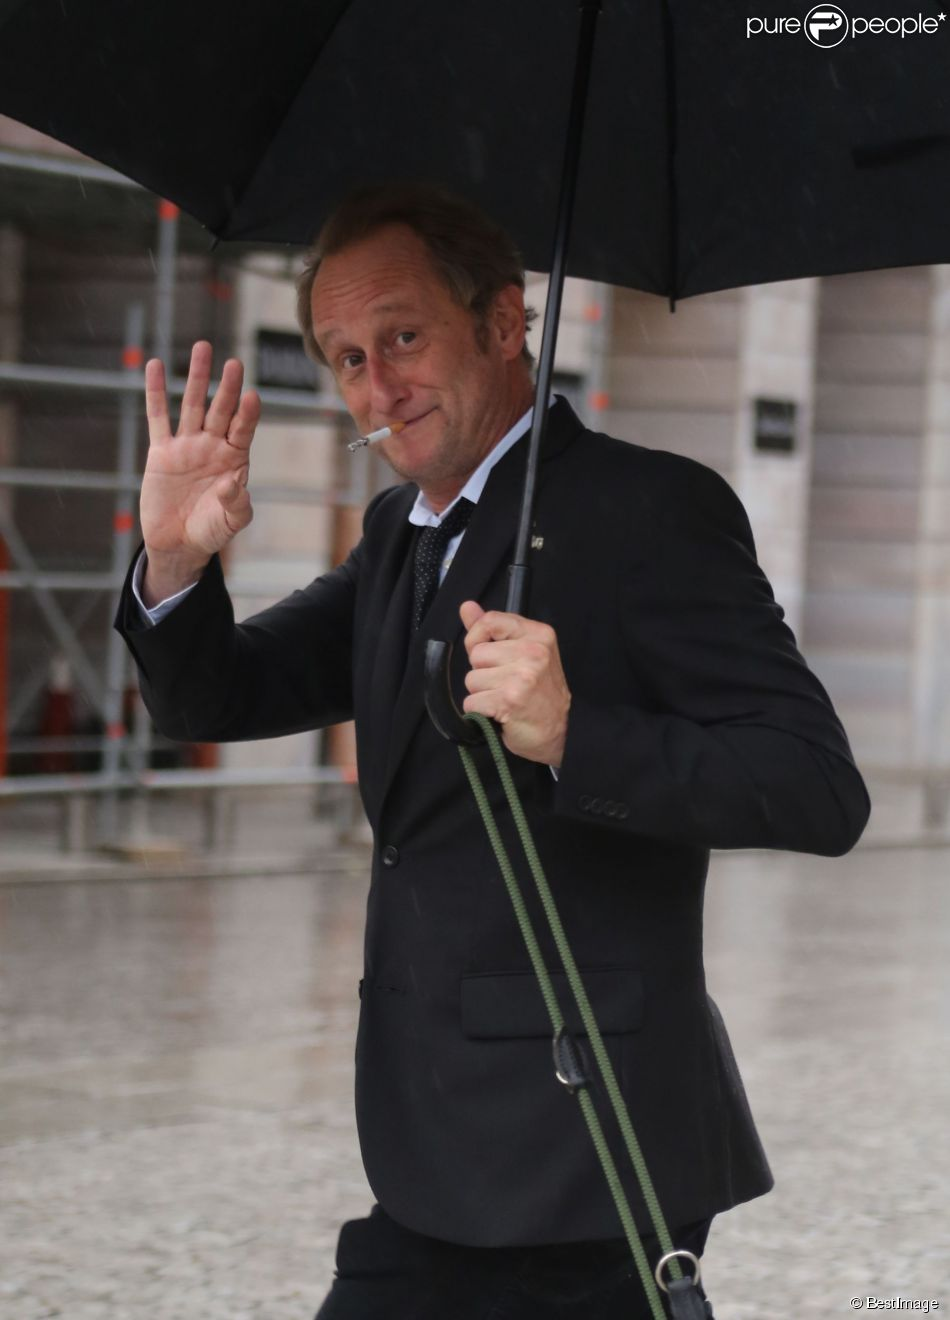 Exclusif - Benoît Poelvoorde promène son chien sous la pluie place Vendôme à Paris le 3 août 2014.